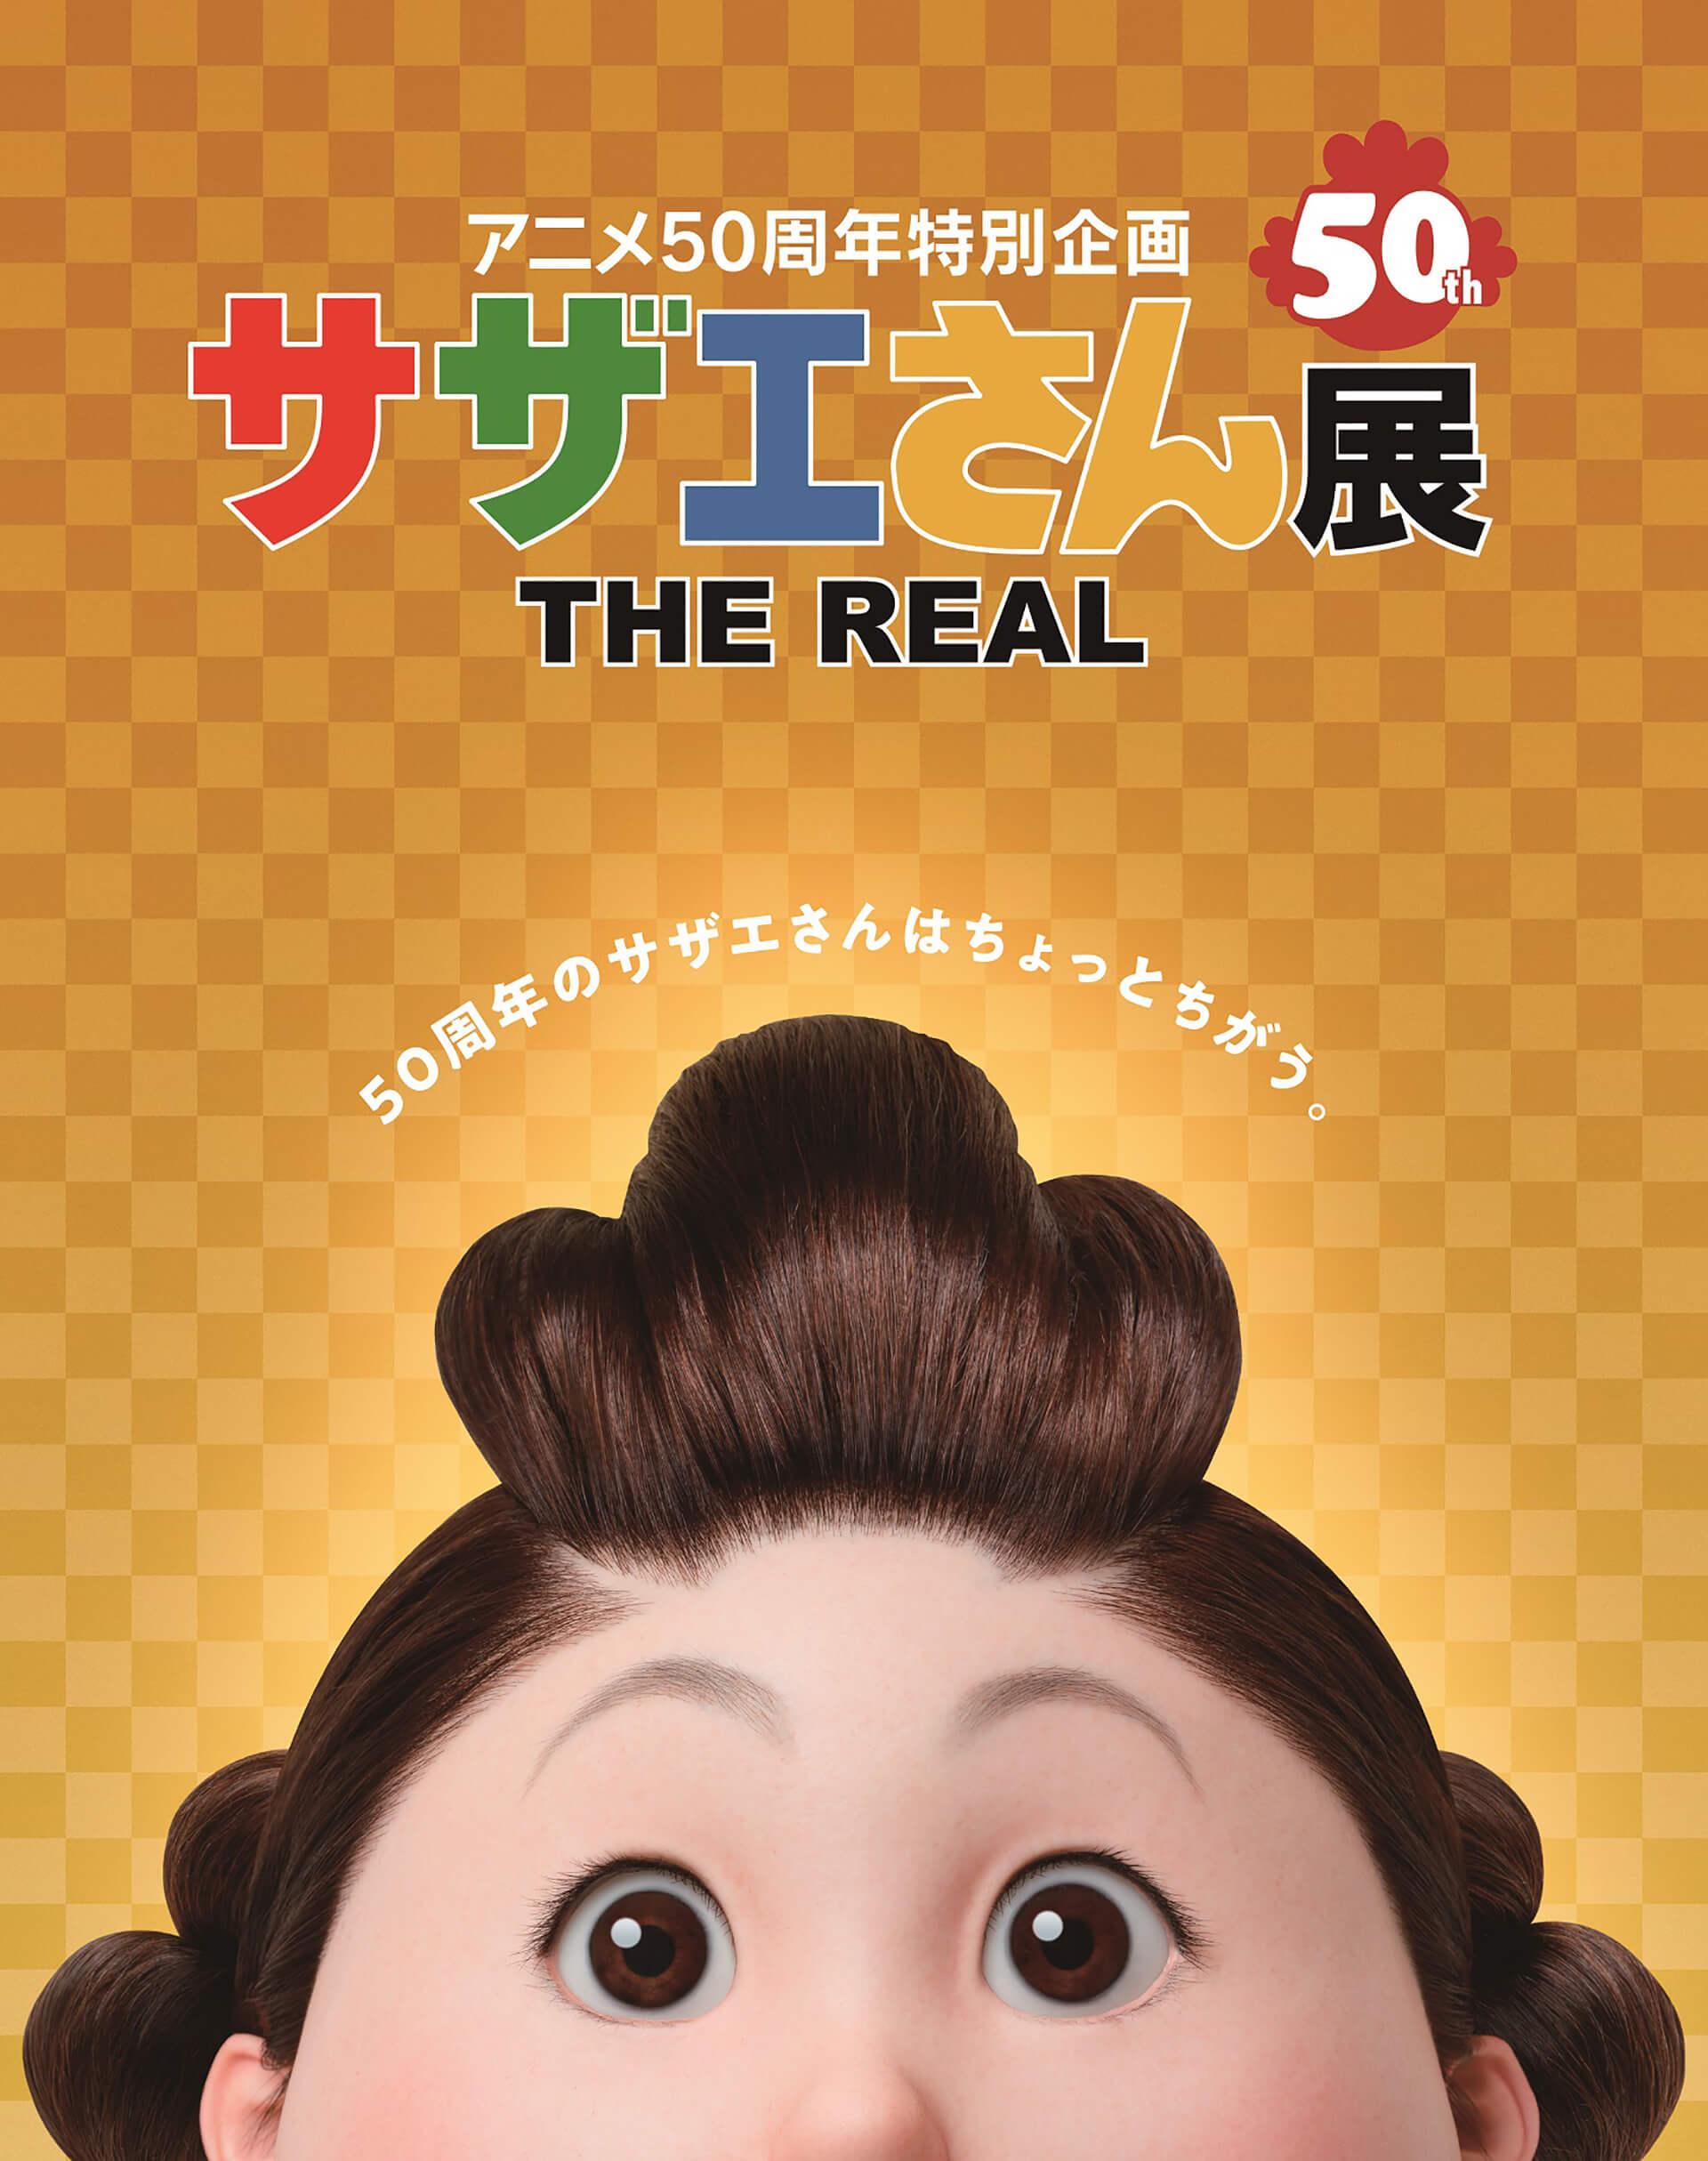 サザエさん展 THE REAL・ポスター